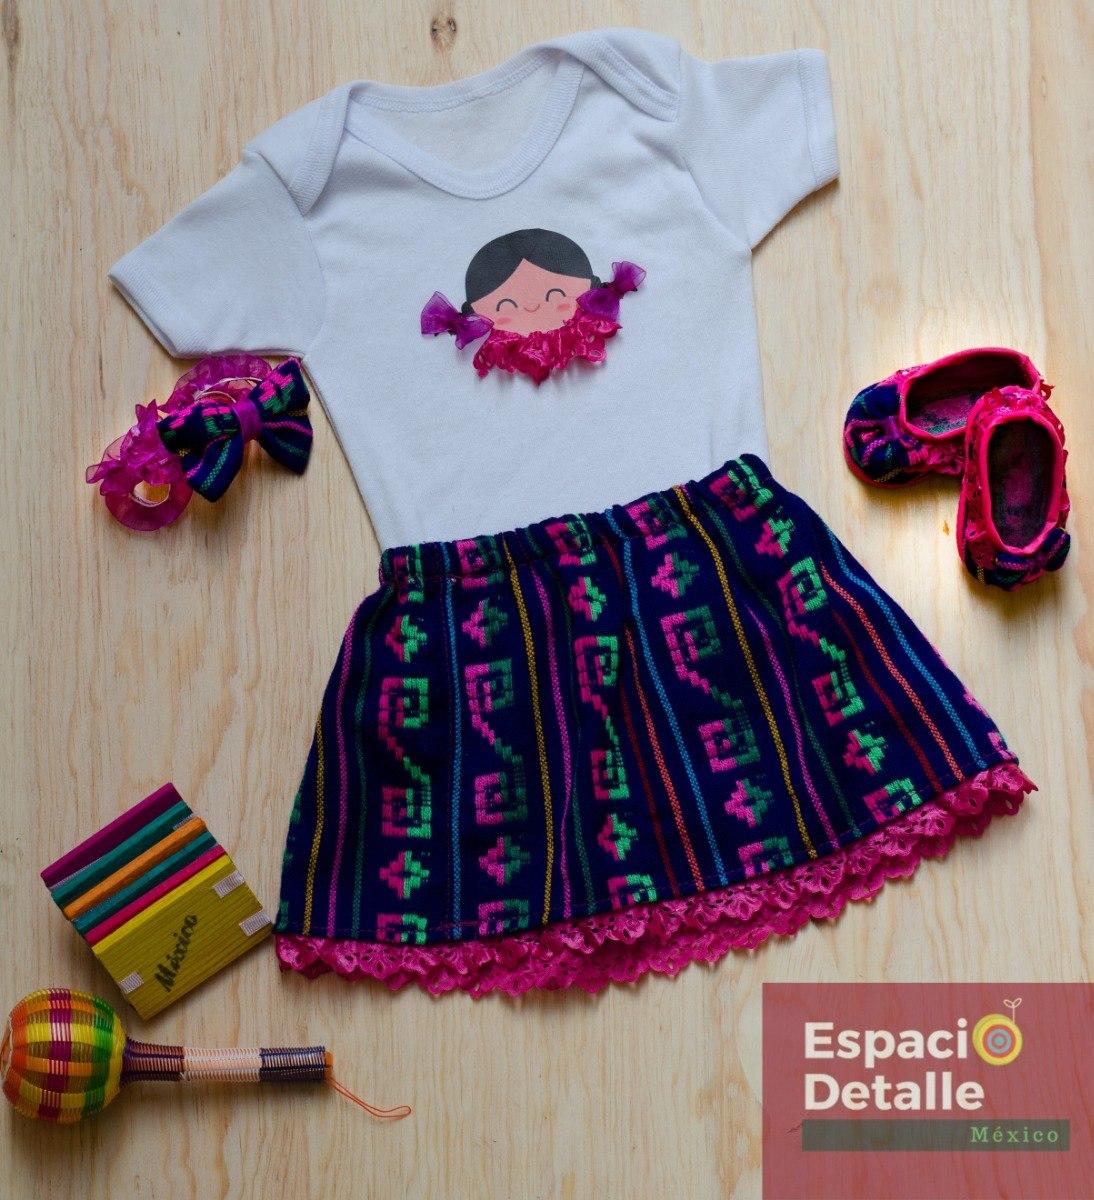 eb879c9fd pañalero y faldita viva mexico septiembre bebe mexicana. Cargando zoom.